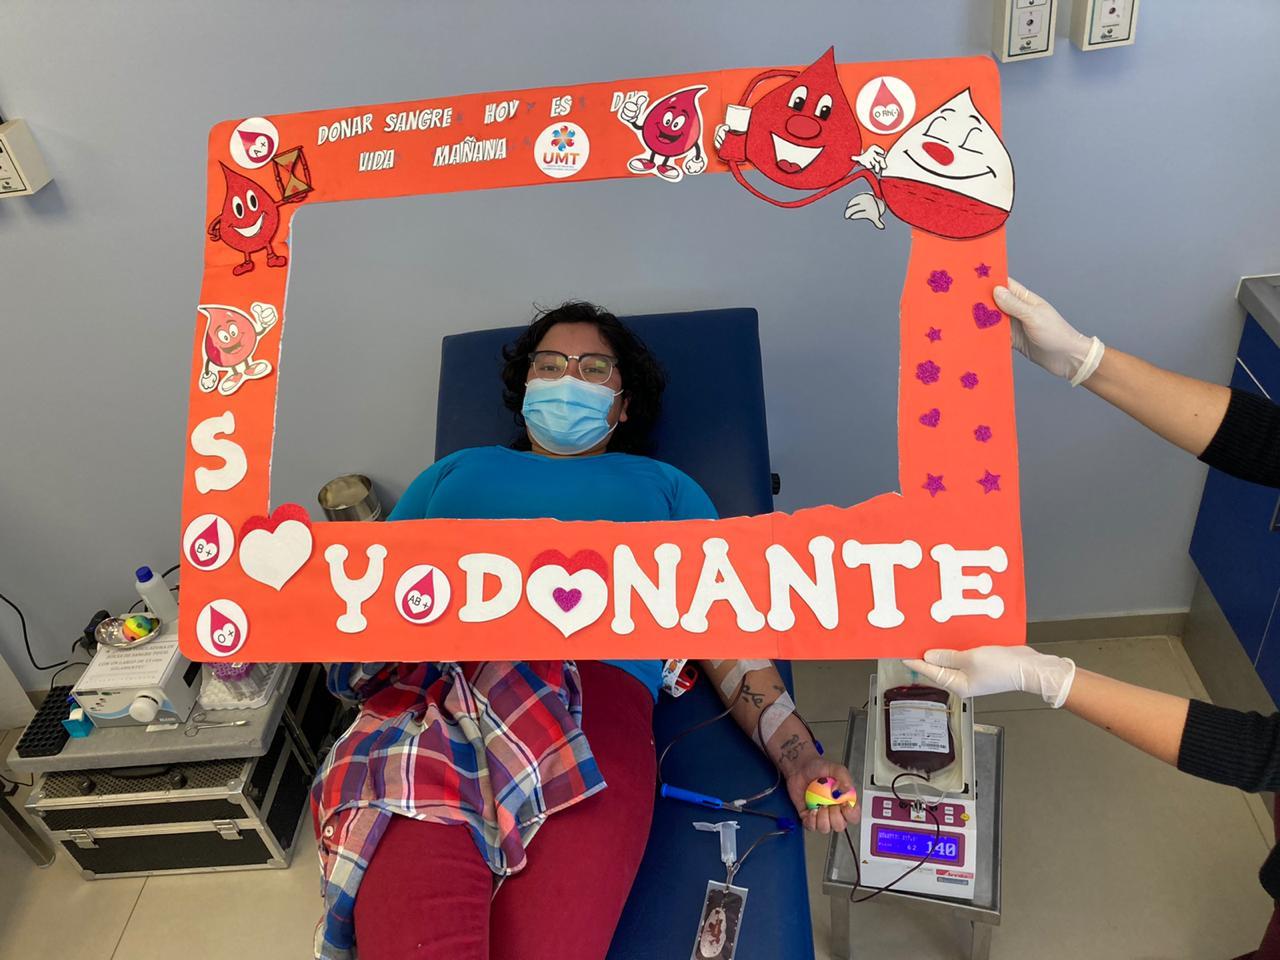 Hospital Provincial del Huasco invita a la comunidad a donar sangre